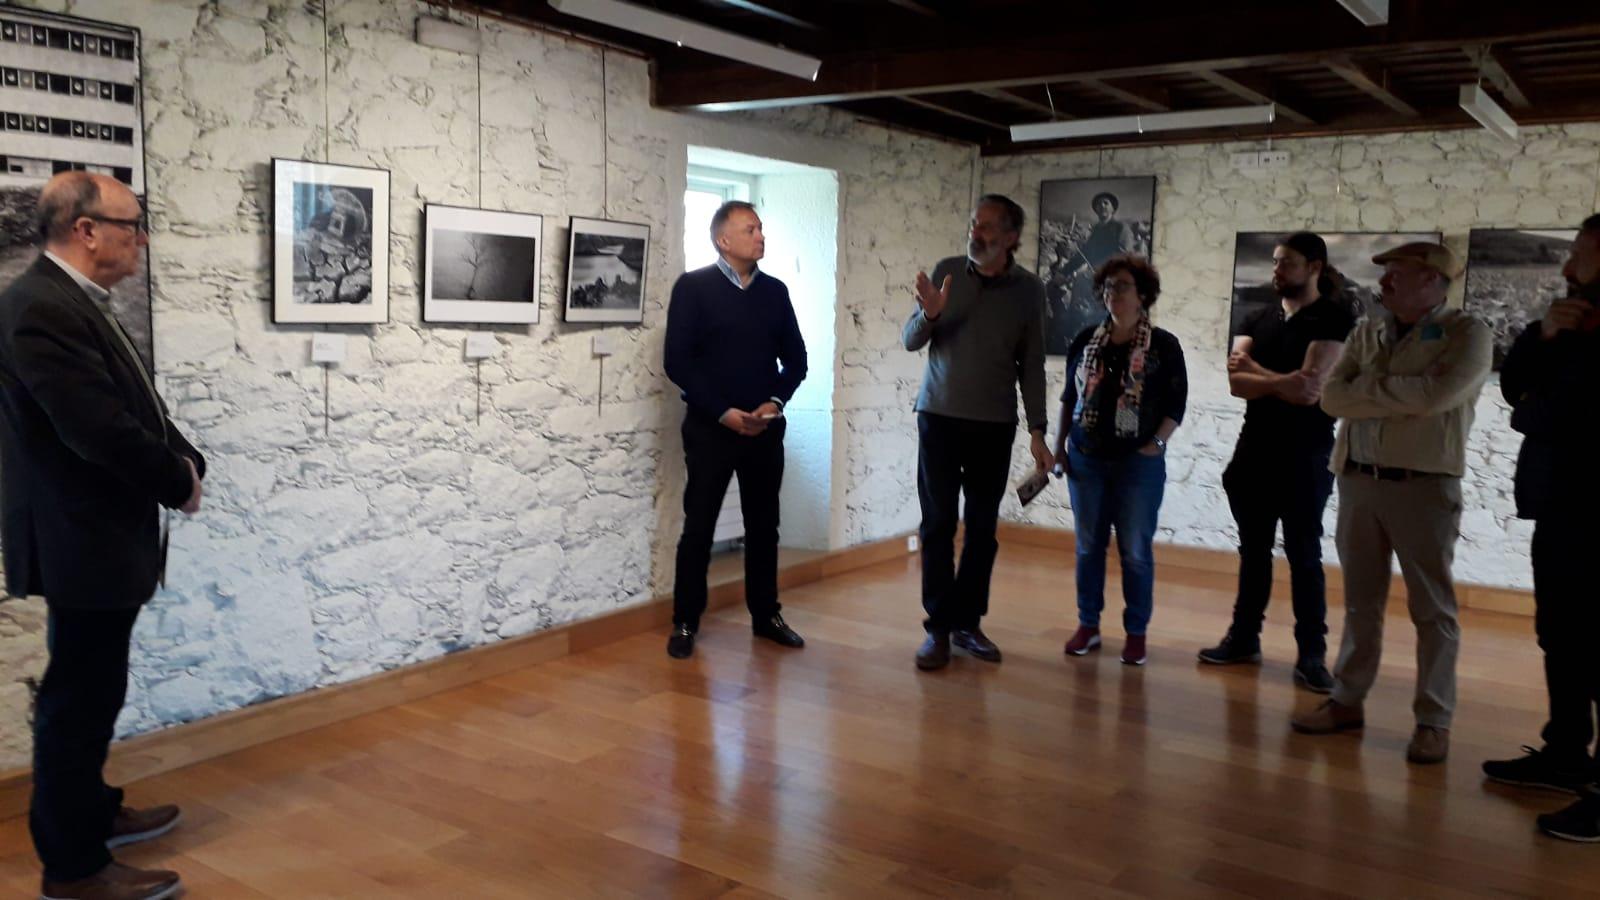 exposición Anxo Cabada, castelo de Pambre, Instituto de Estudos Ulloáns